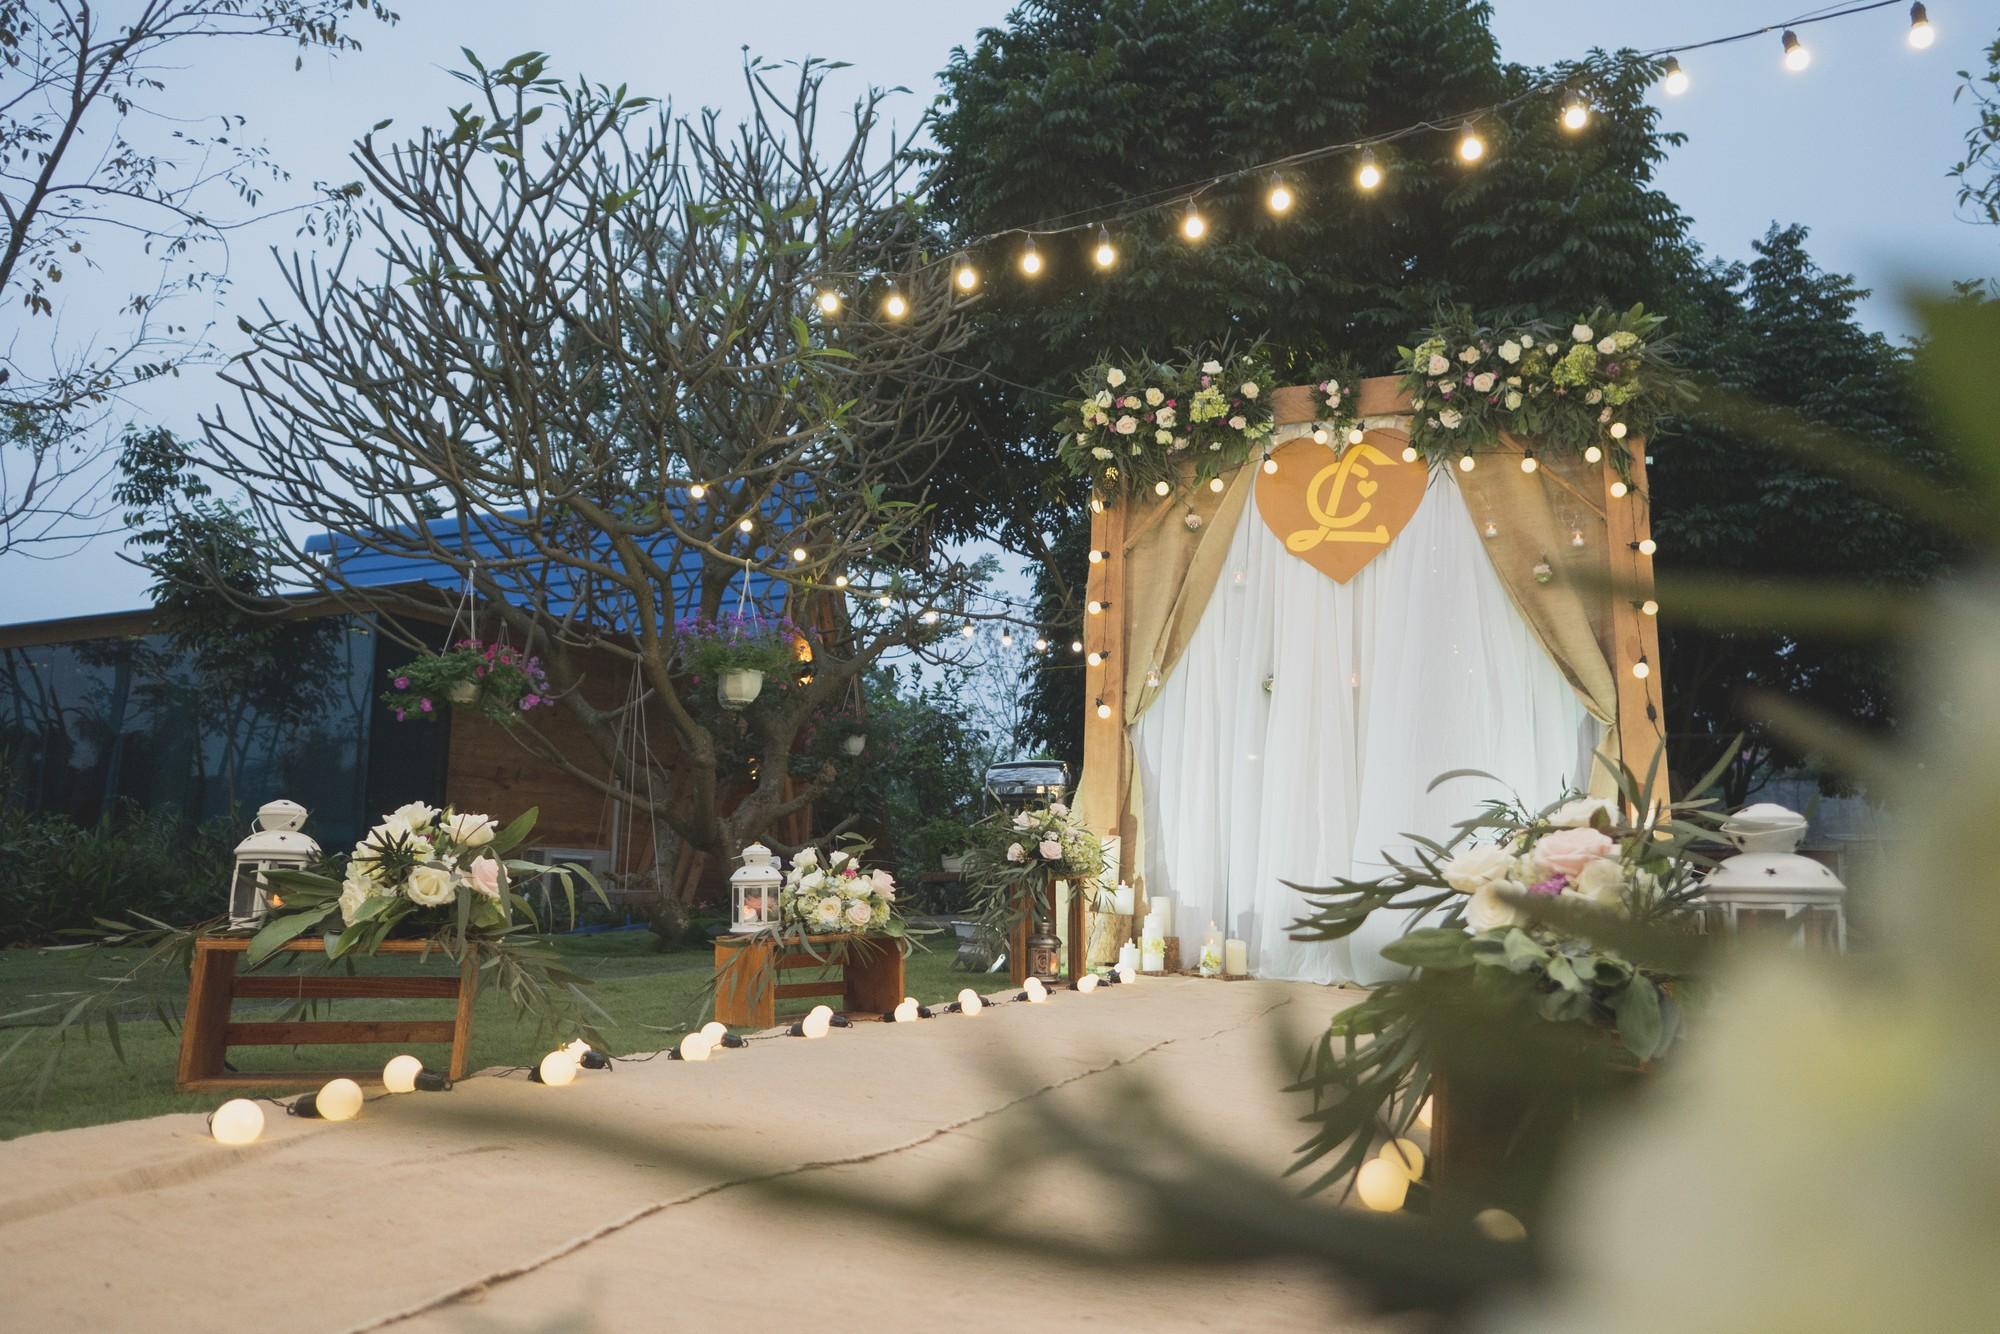 Đám cưới phong cách lẩu thập cẩm: Cô dâu hóa Võ Tắc Thiên, chú rể cosplay thần Hy Lạp - Ảnh 2.